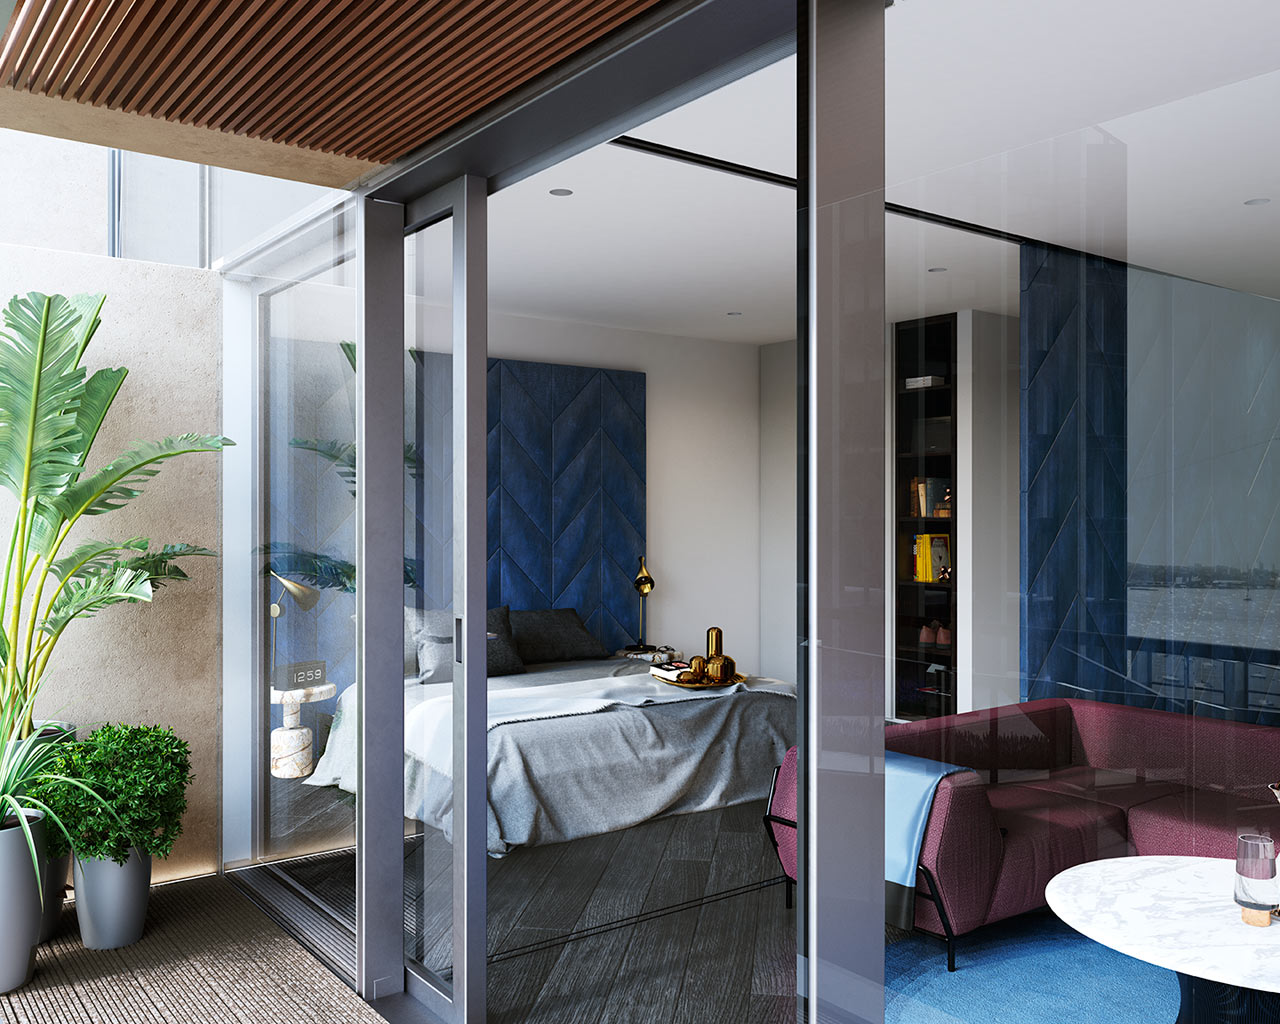 غرفة نوم مودرن 2ب جرأة وروعة الألوان في تصميم وحدات سكنية عصرية